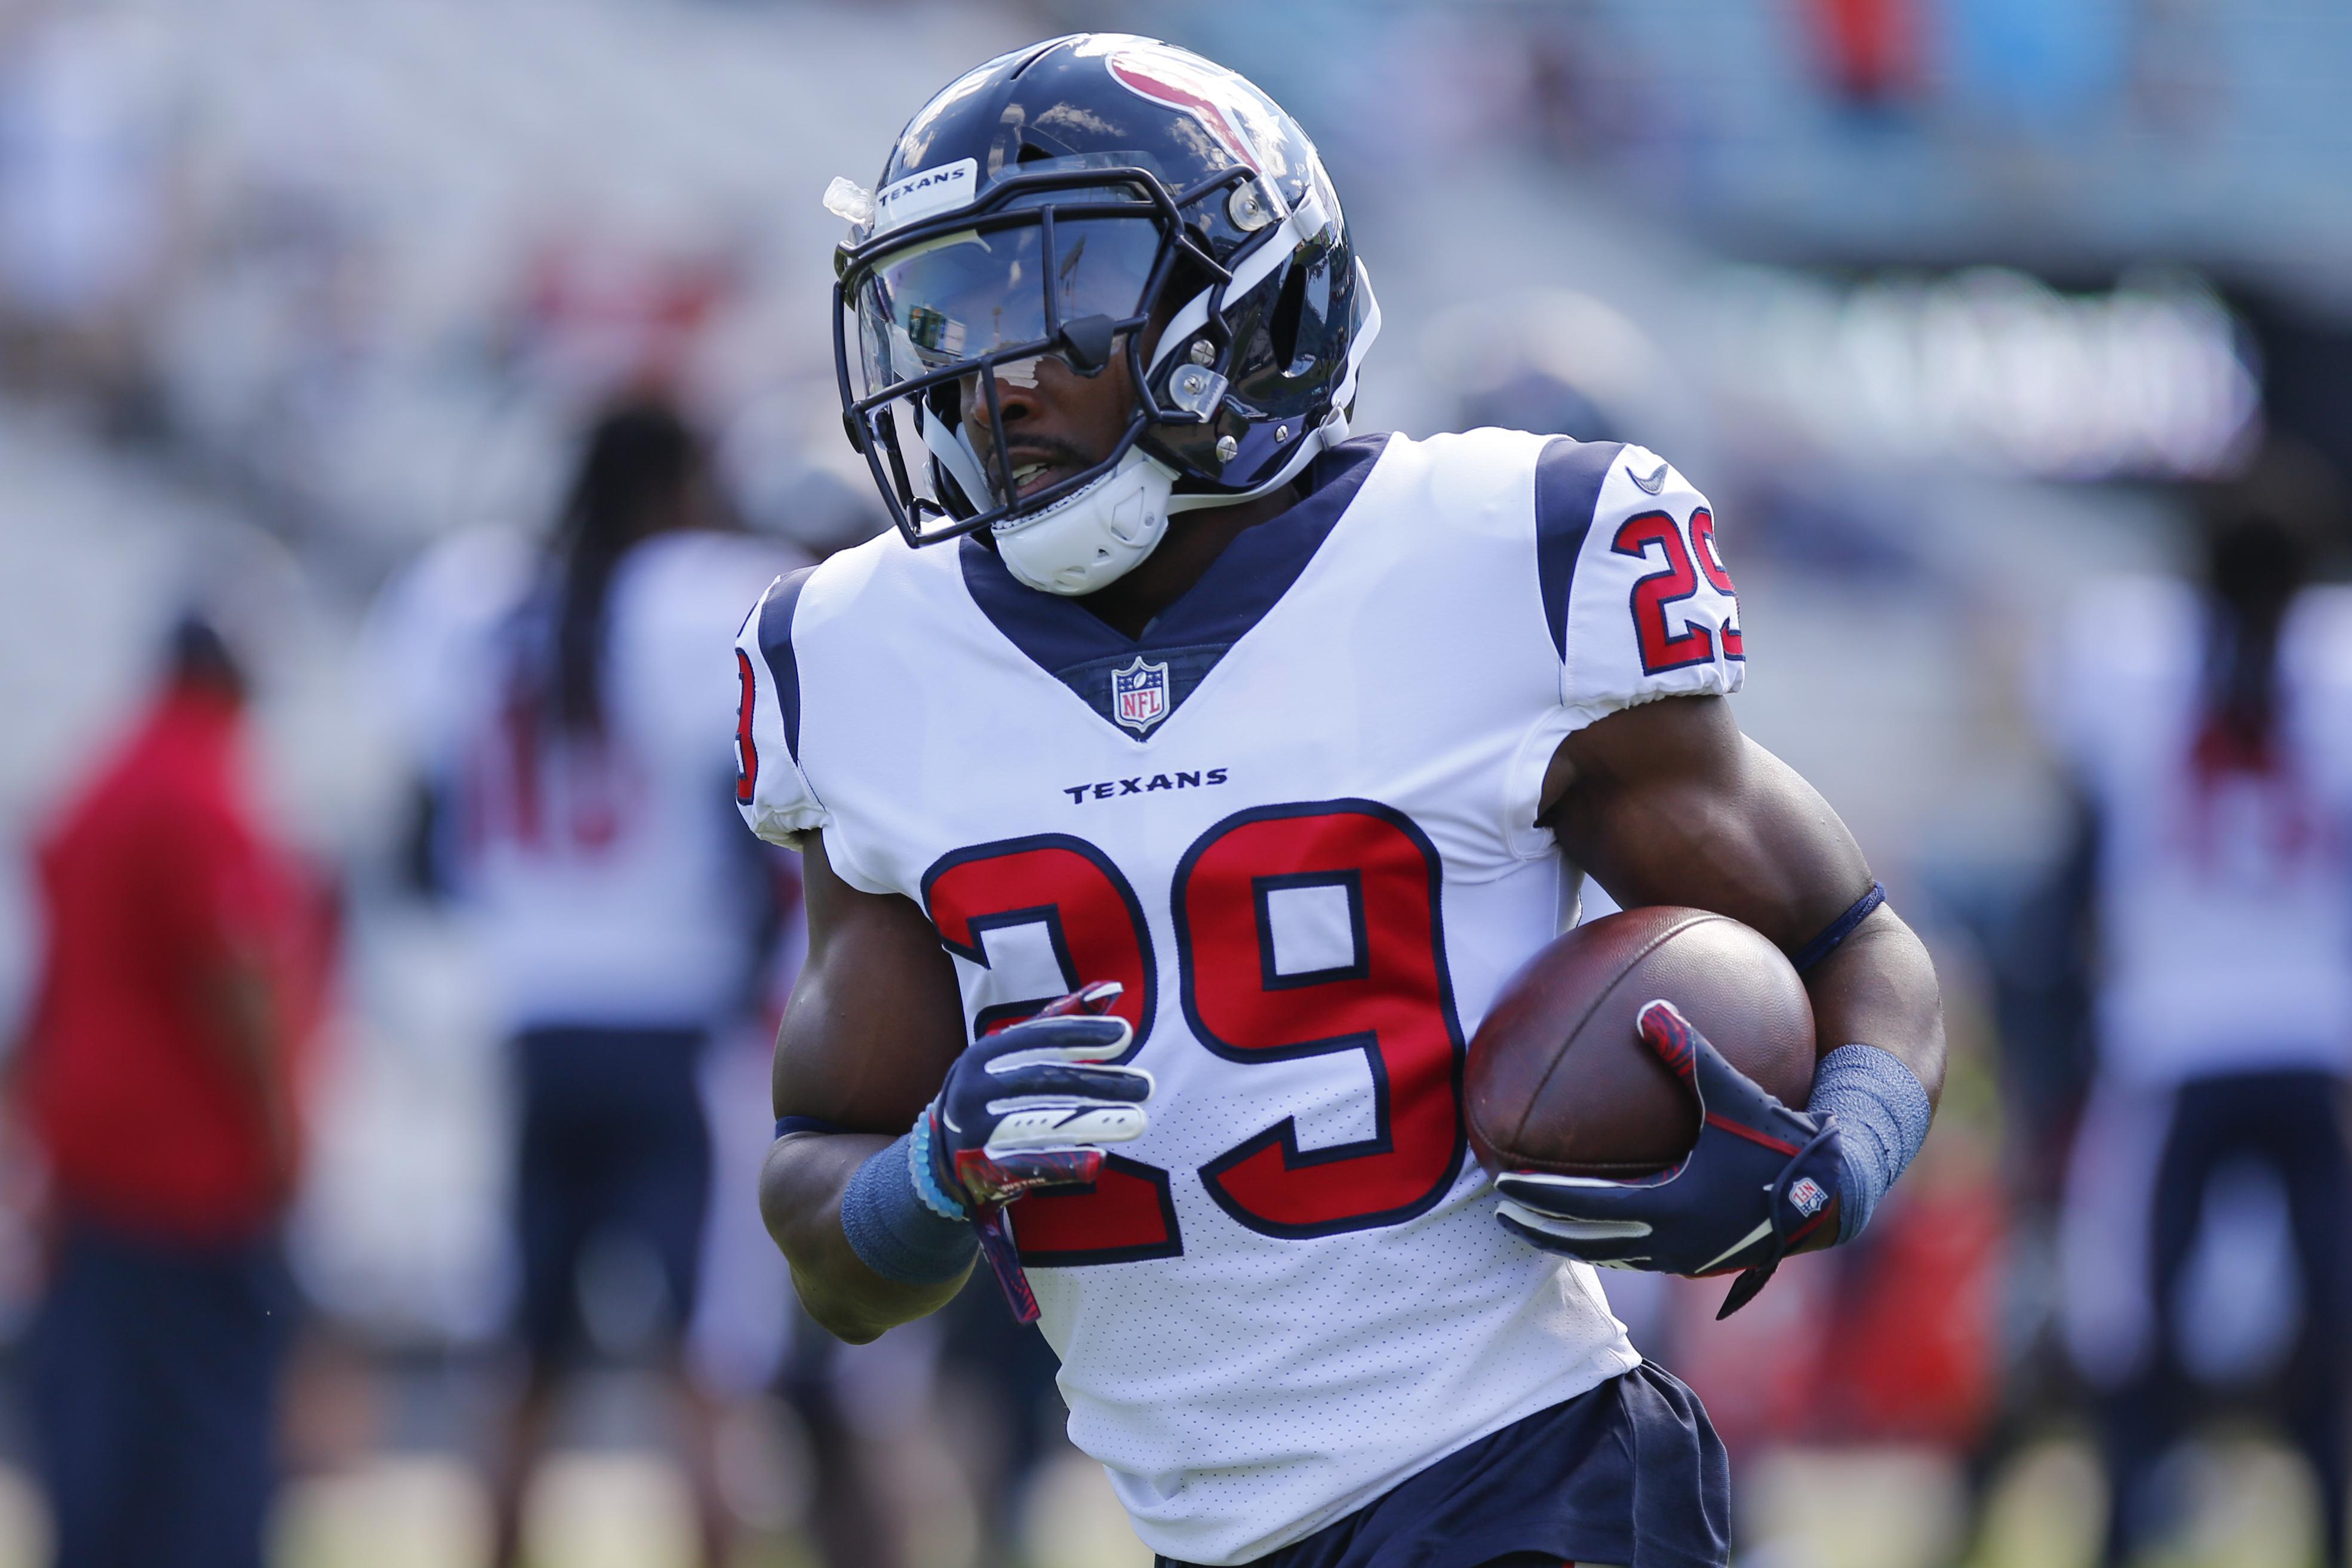 NFL: OCT 21 Texans at Jaguars